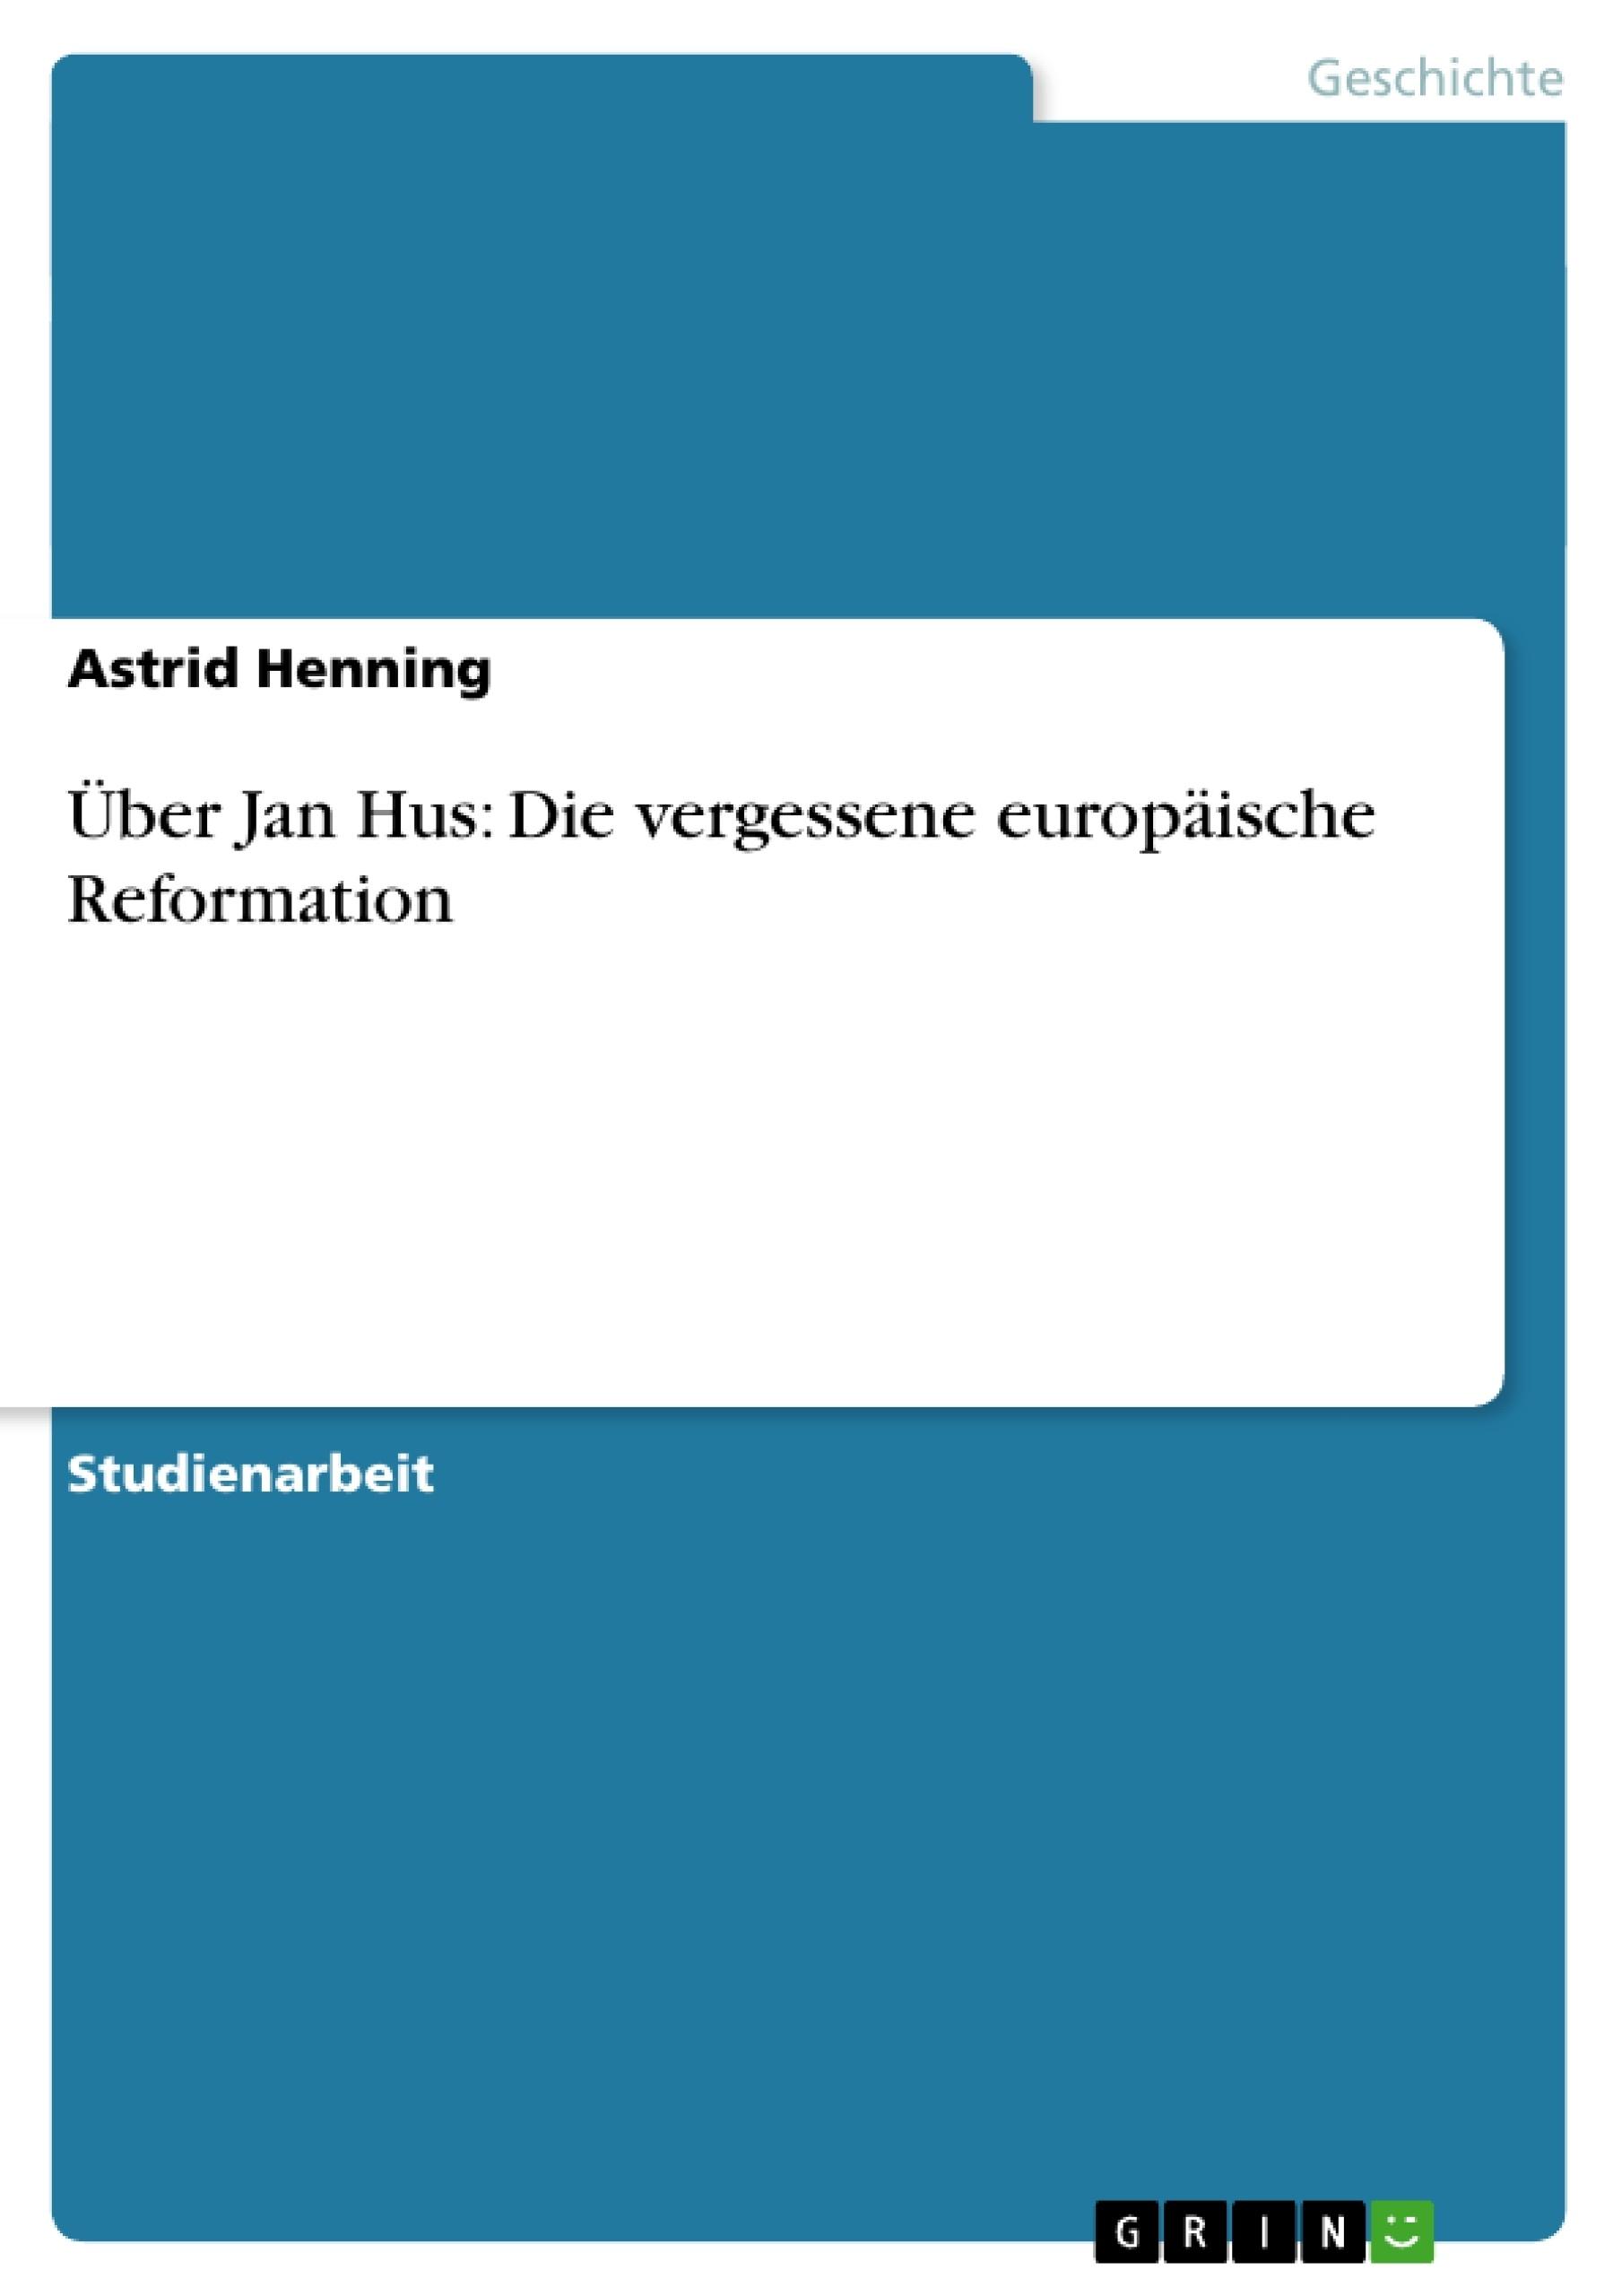 Titel: Über Jan Hus: Die vergessene europäische Reformation